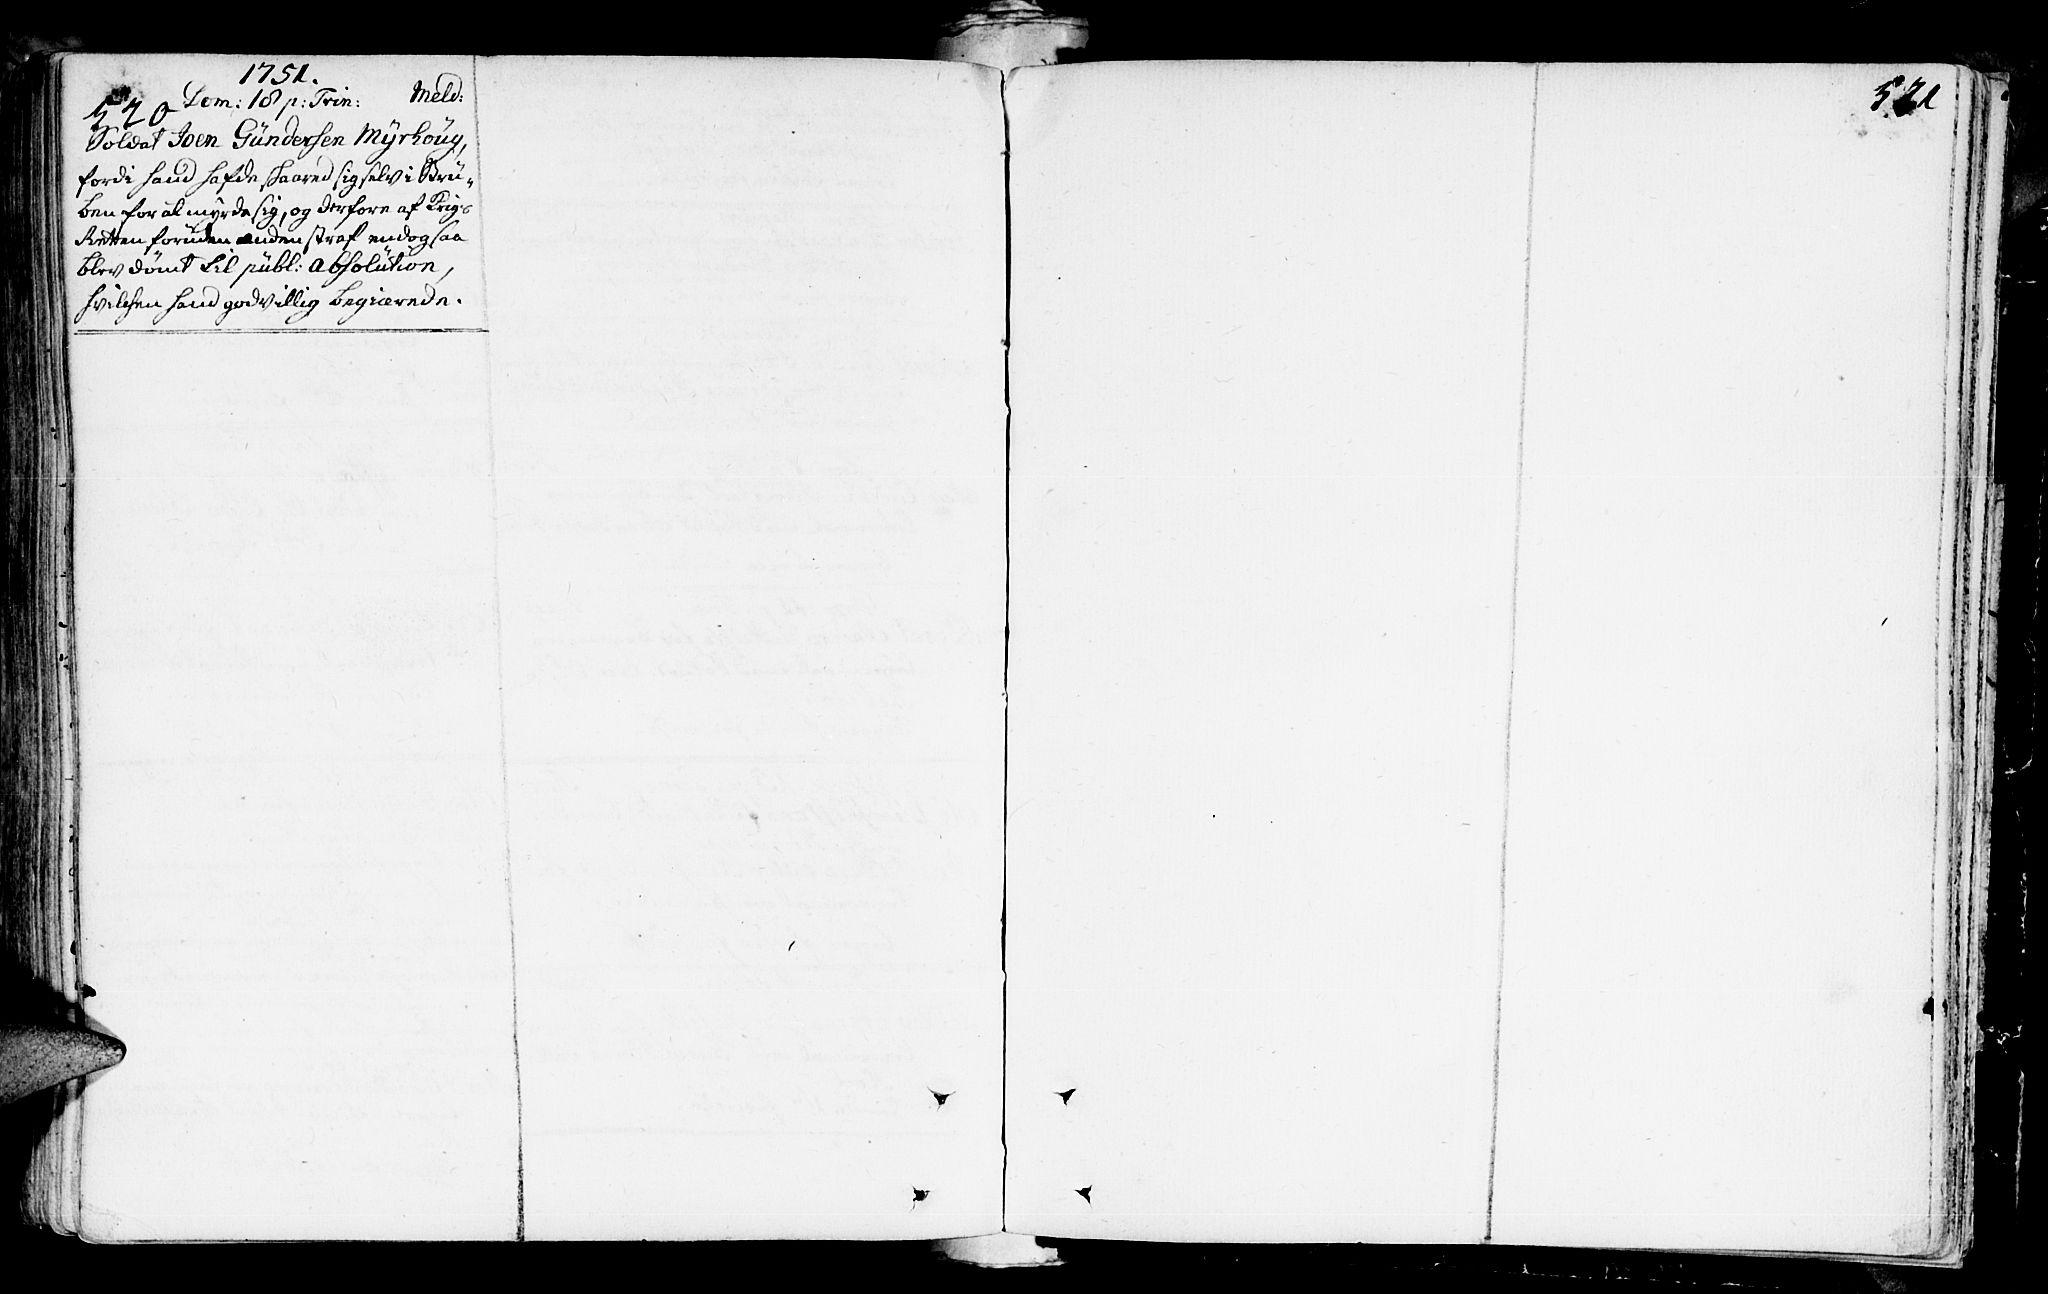 SAT, Ministerialprotokoller, klokkerbøker og fødselsregistre - Sør-Trøndelag, 672/L0850: Ministerialbok nr. 672A03, 1725-1751, s. 520-521